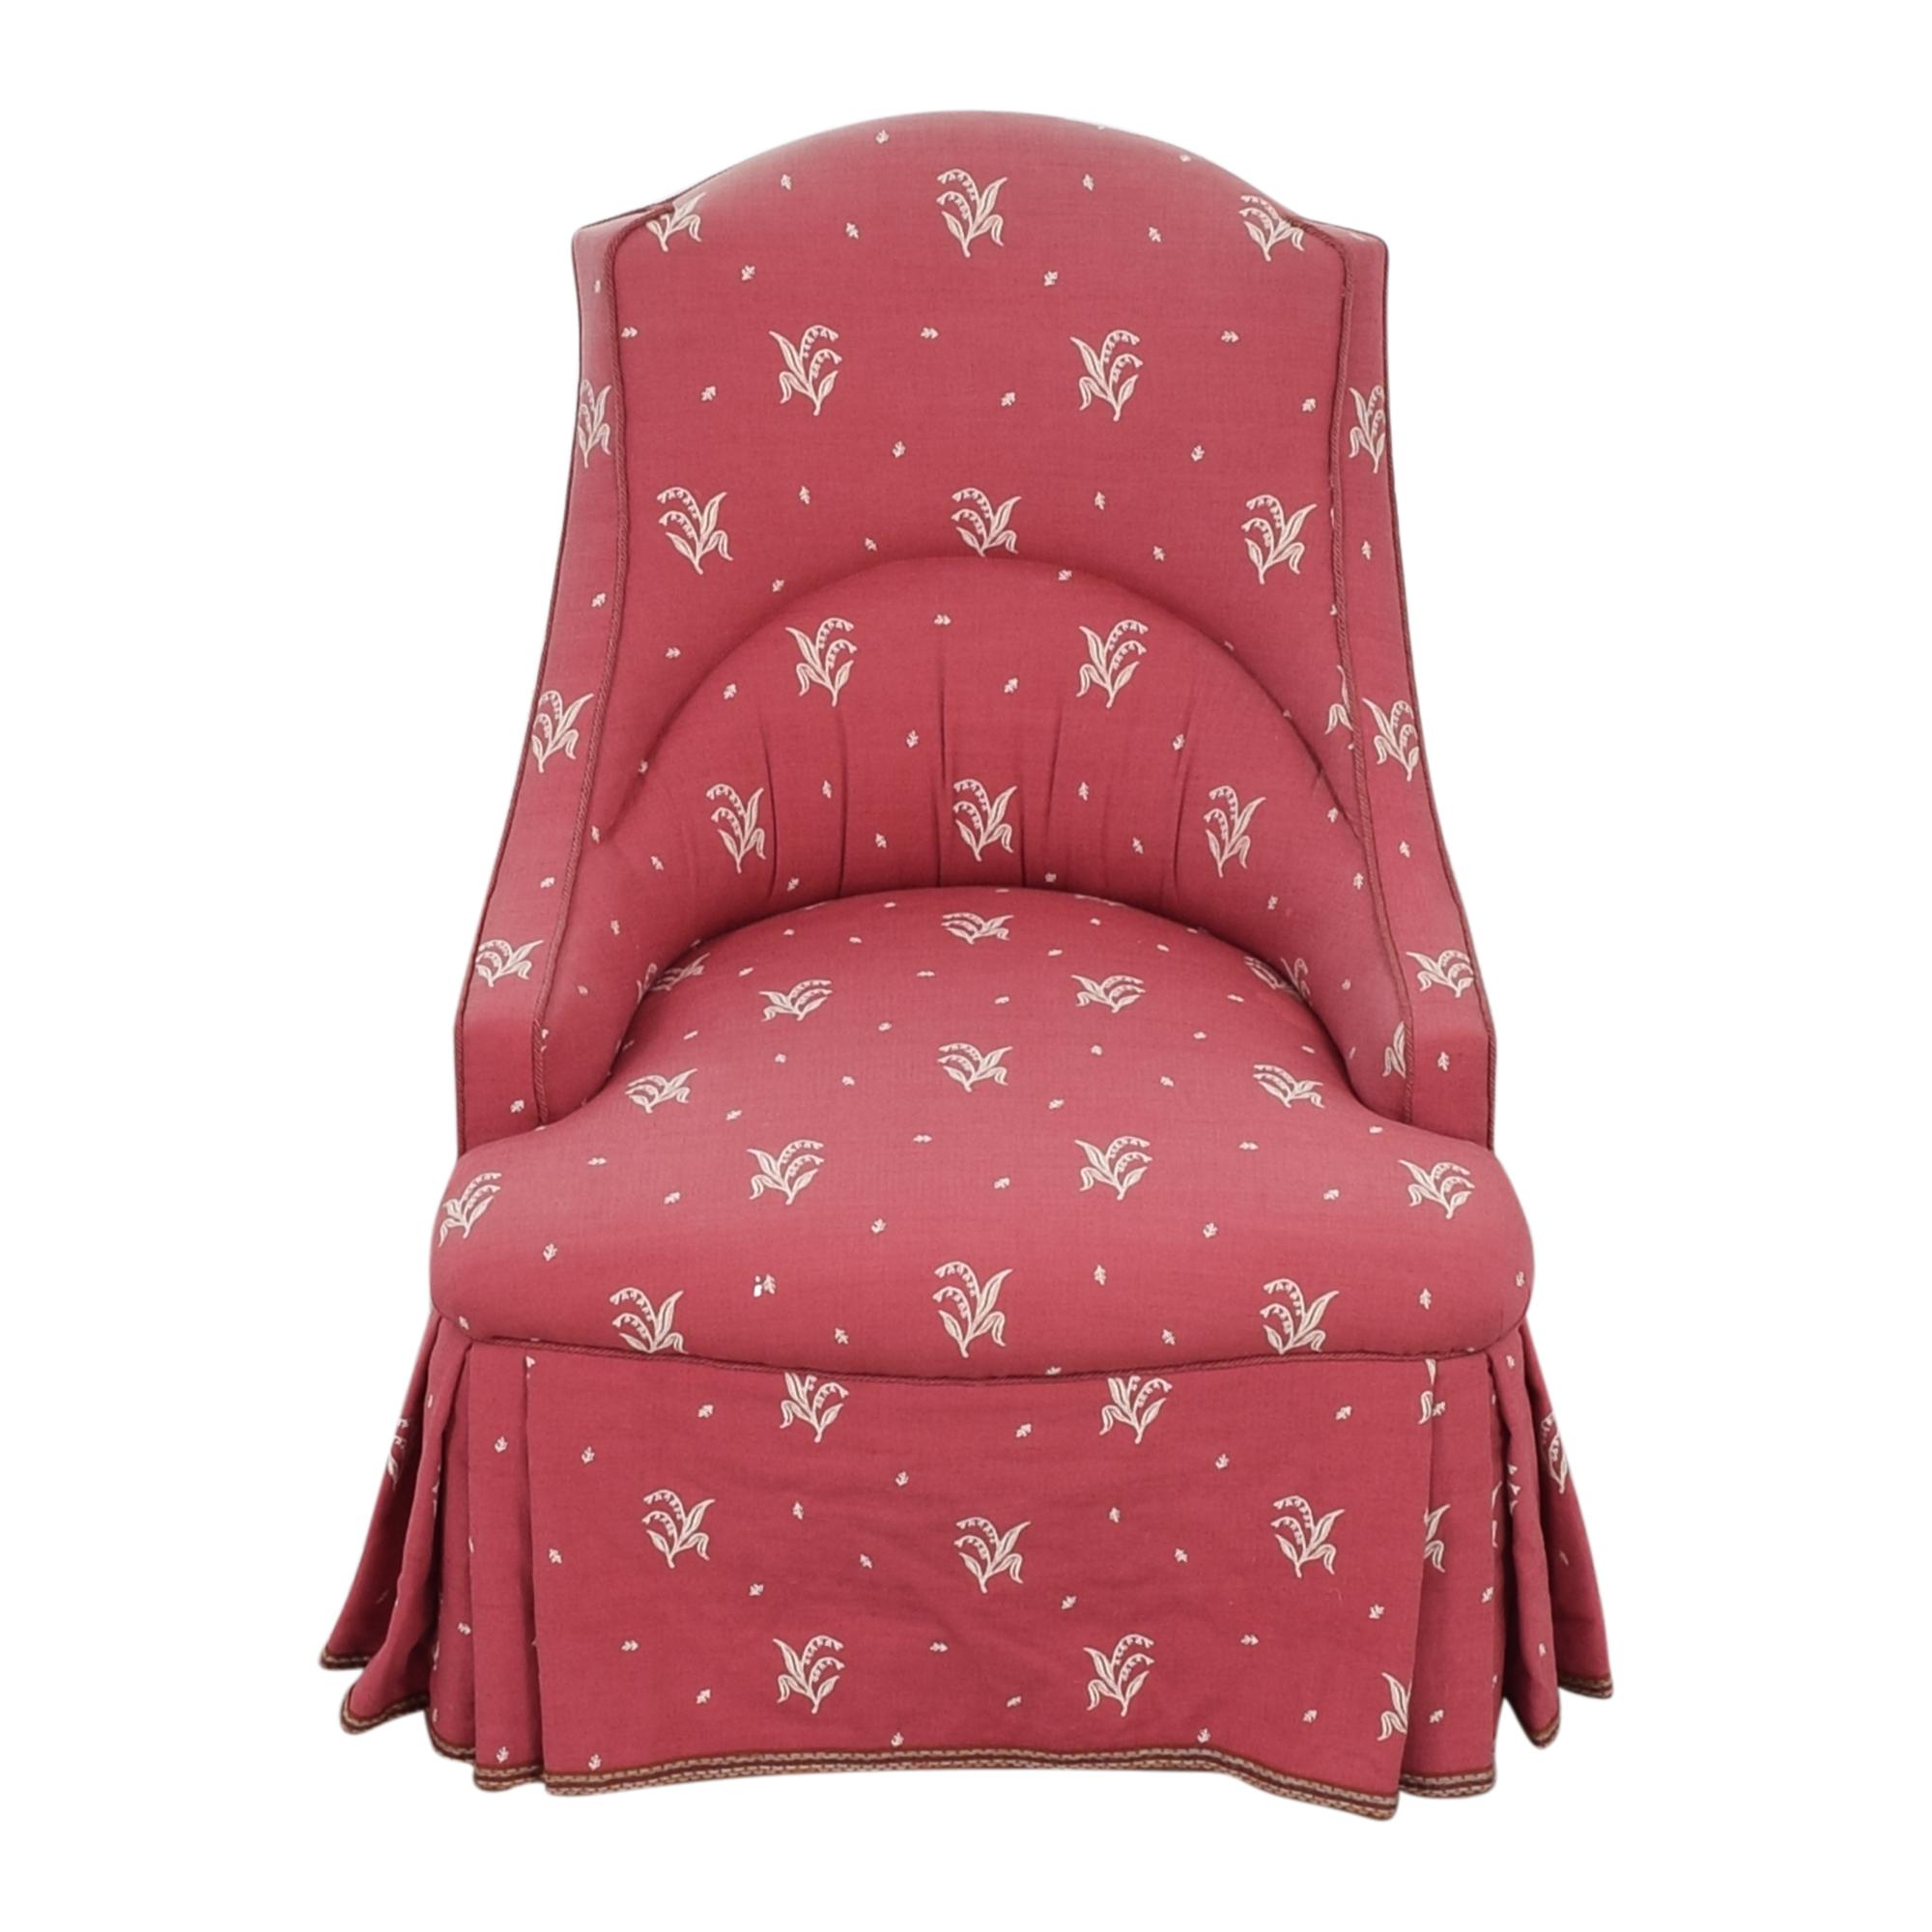 buy  Patterned Skirted Slipper Chair online